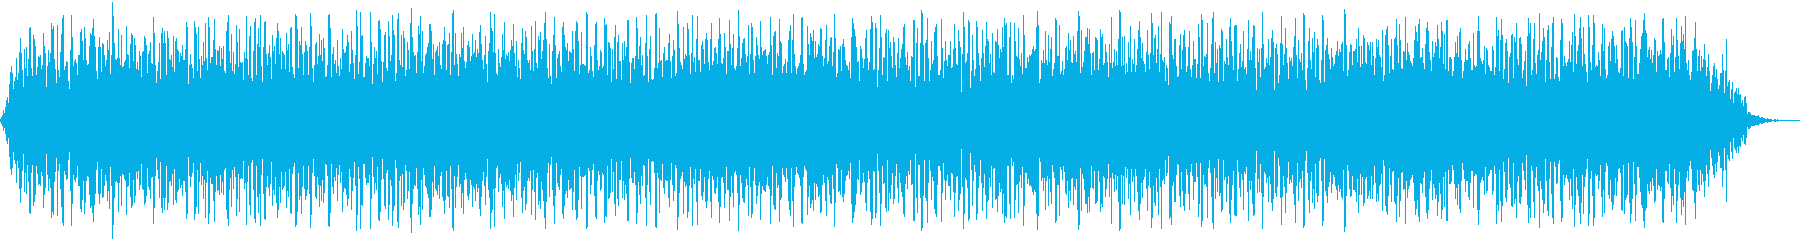 【アンビエント】ドローン_20 実験音の再生済みの波形